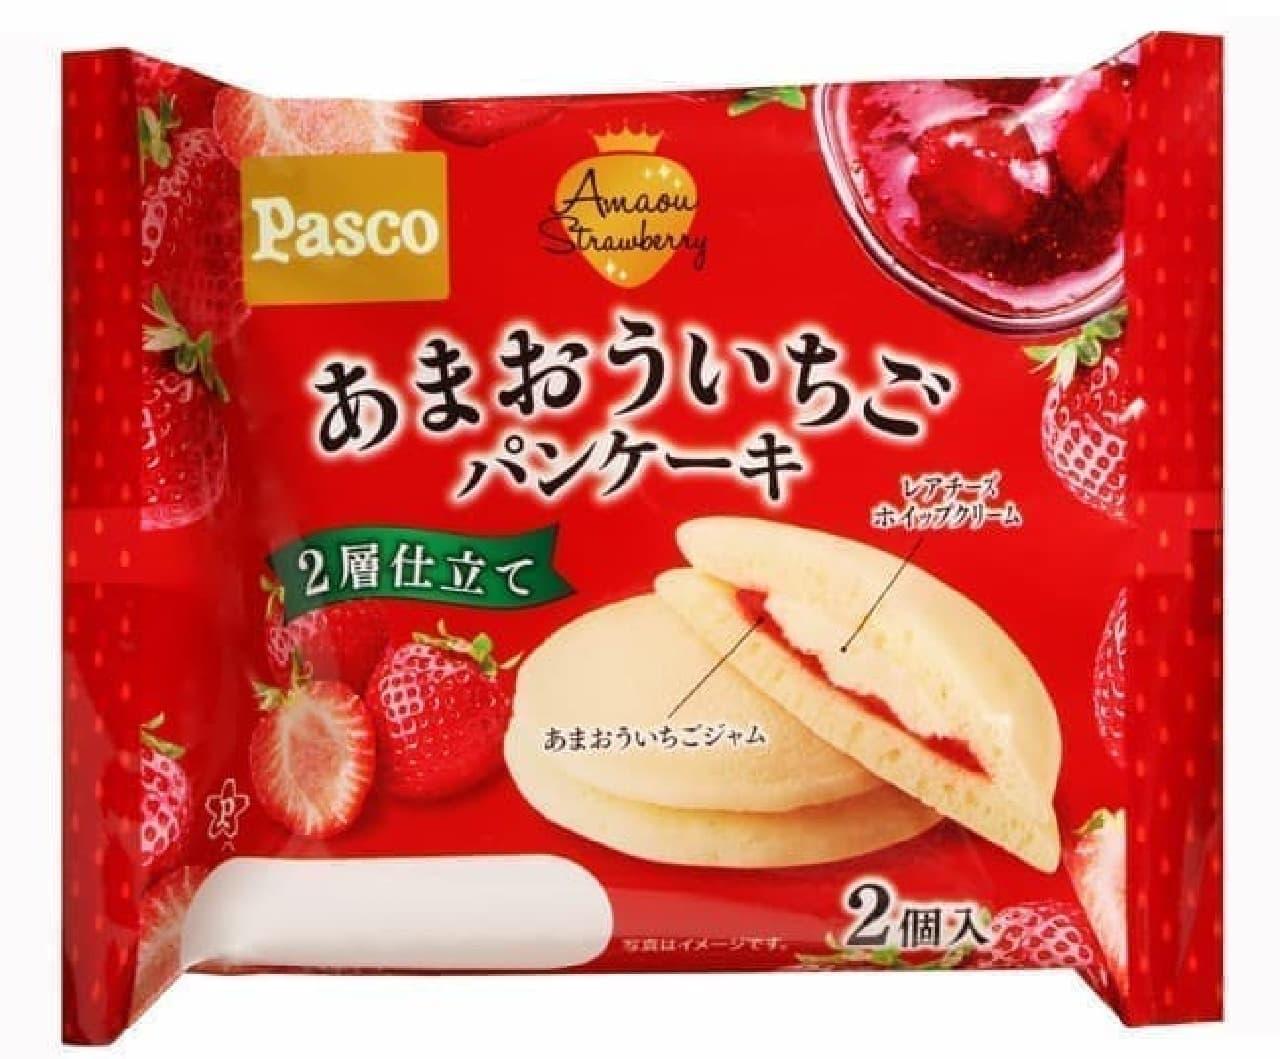 Pasco「あまおういちごパンケーキ2個入」